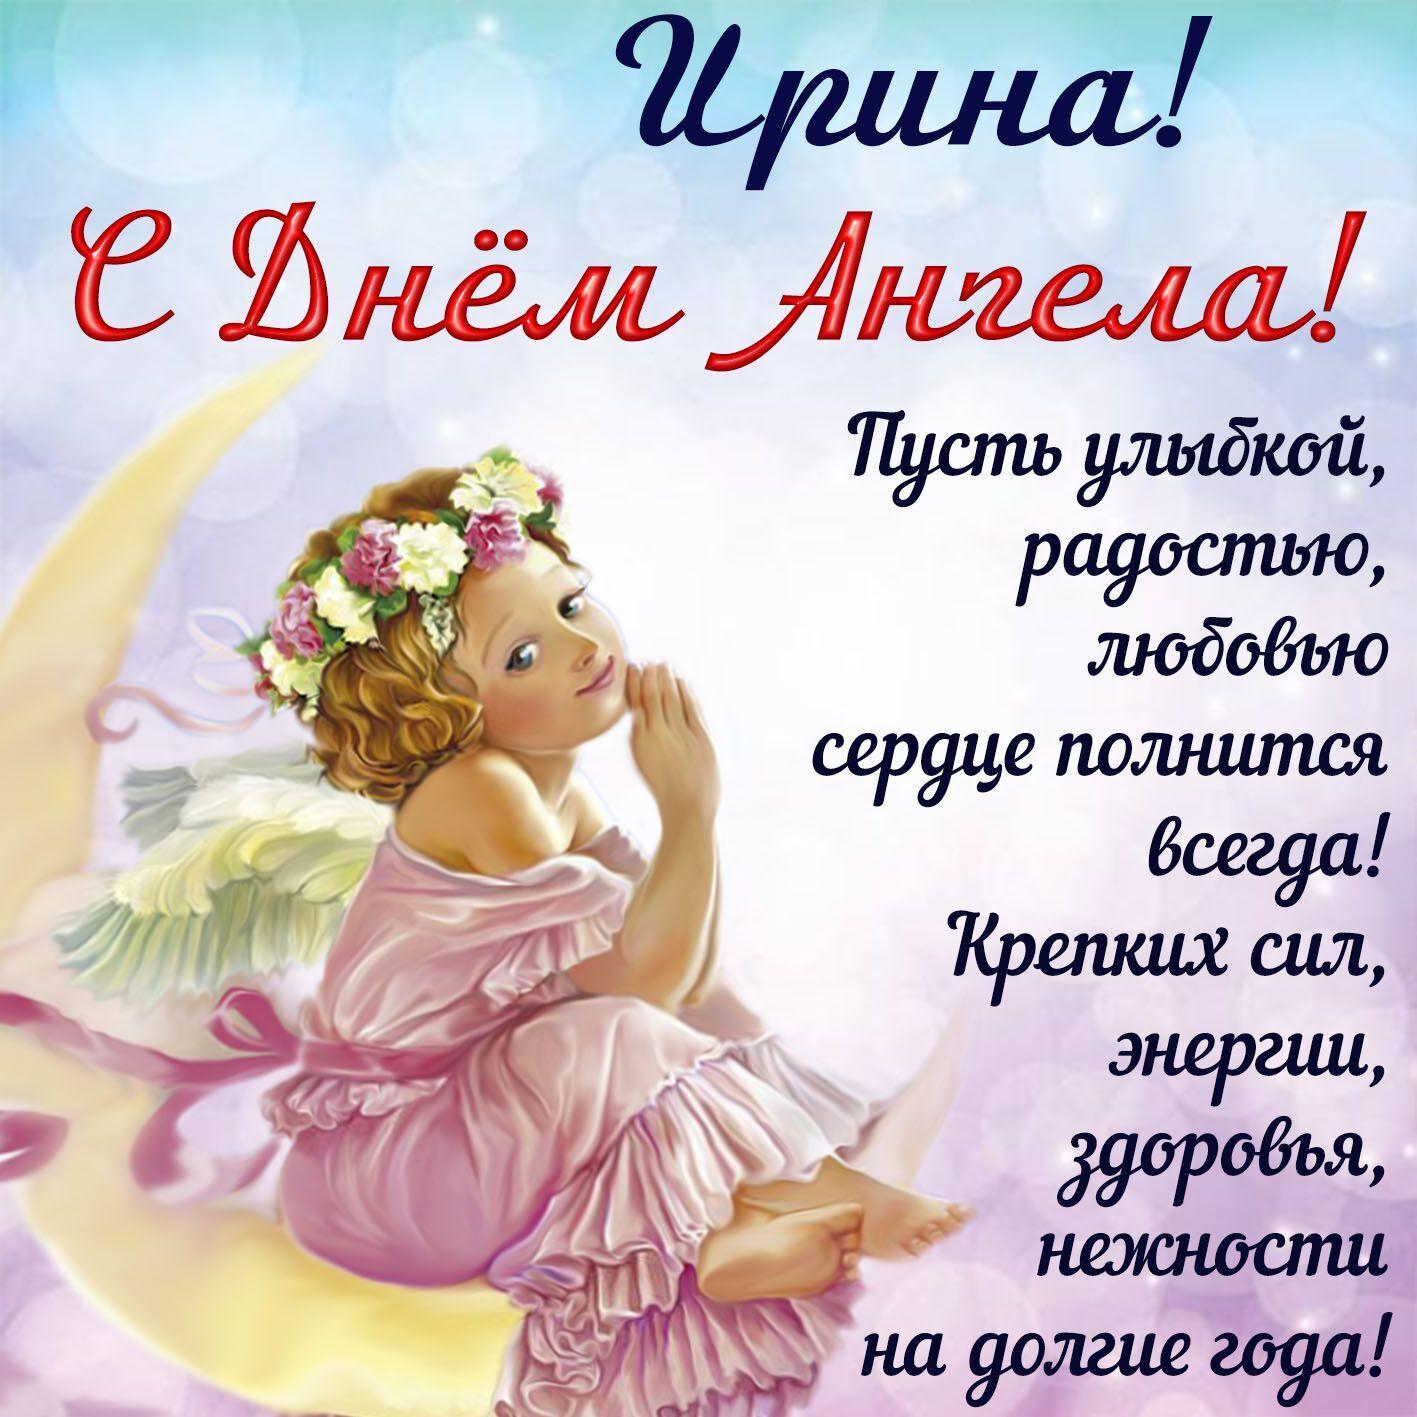 Открытка в день ангела Ирины